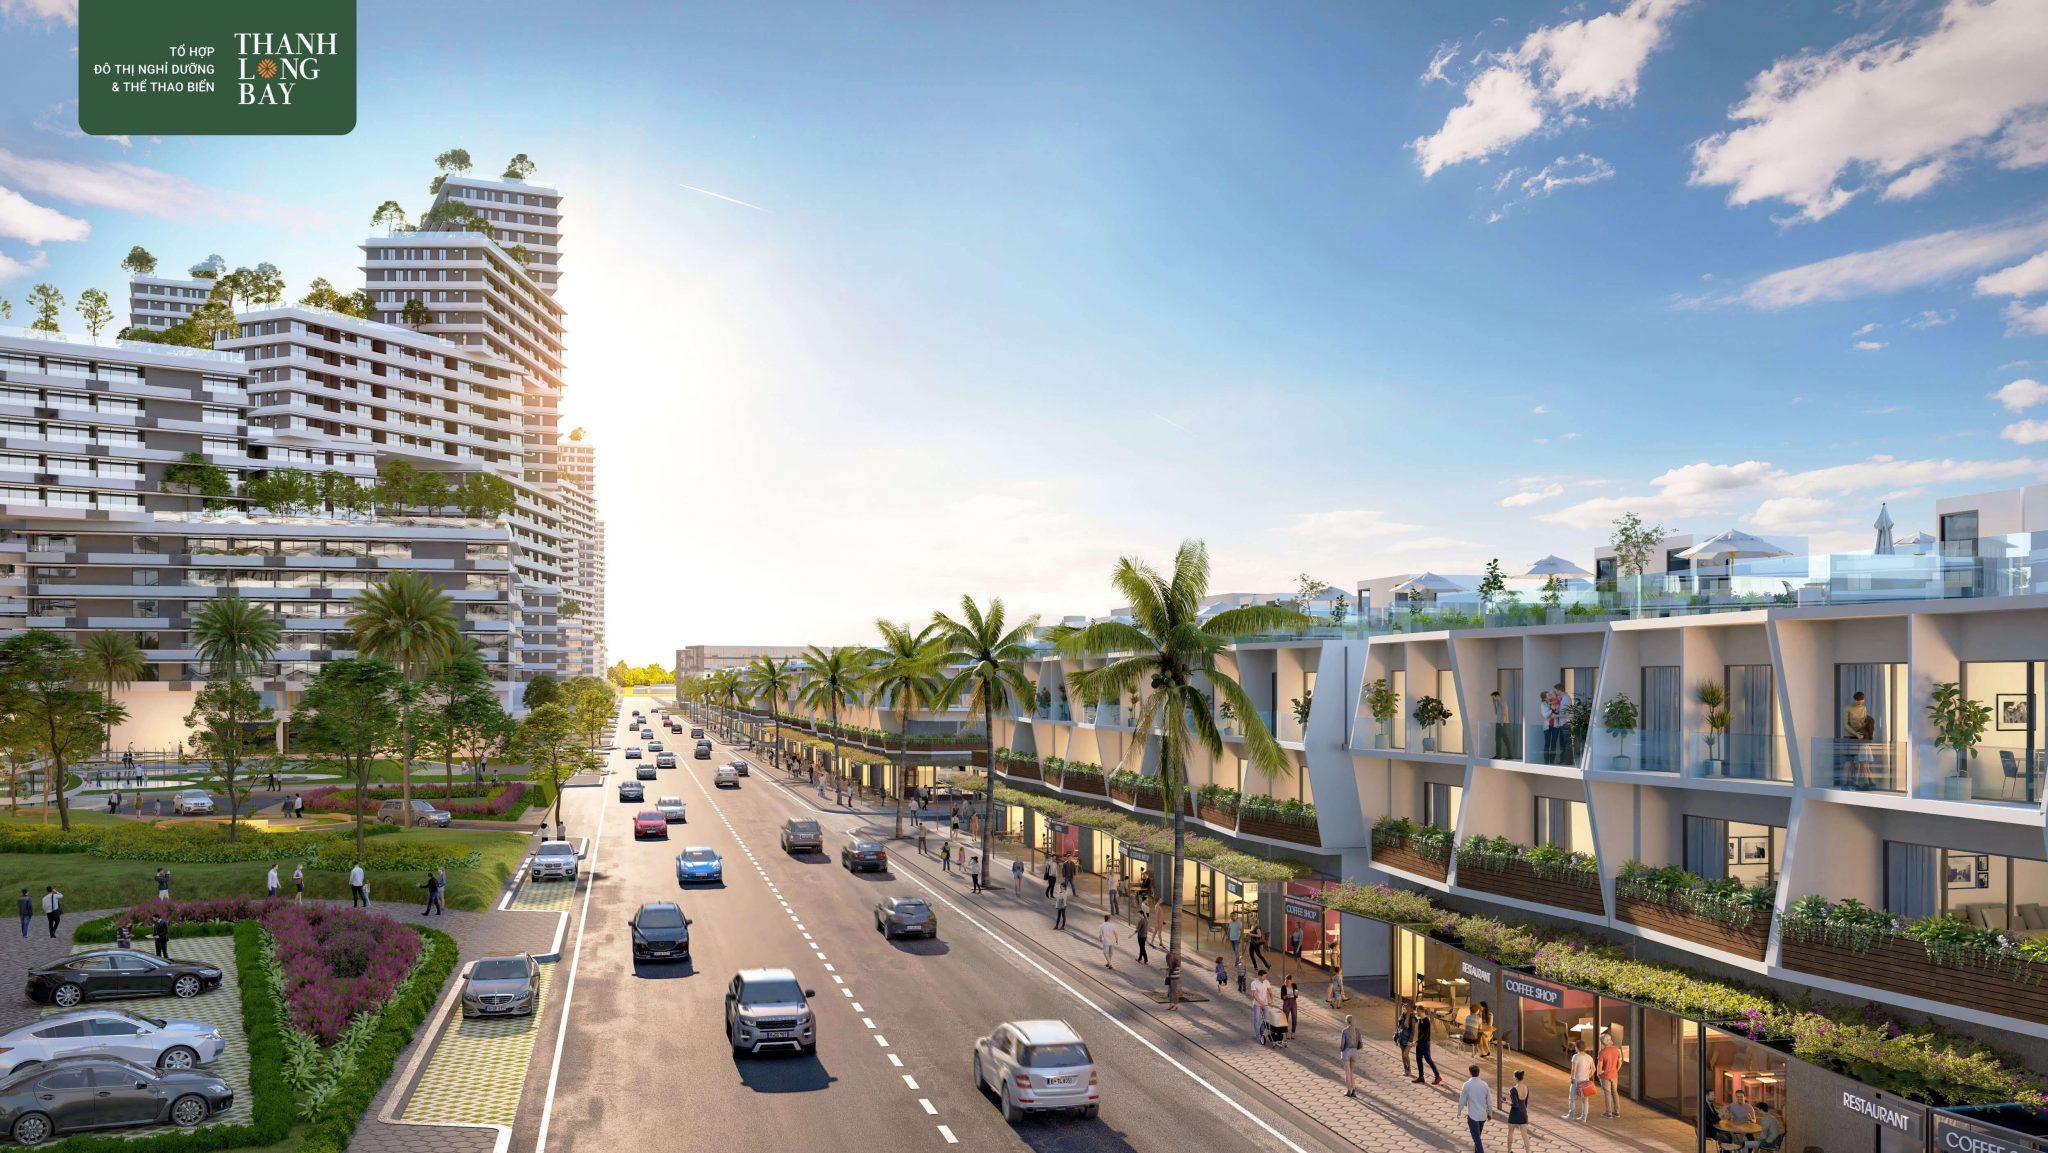 Tiến độ xây dựng Thanh Long Bay phối cảnh căn hộ và nhà phố